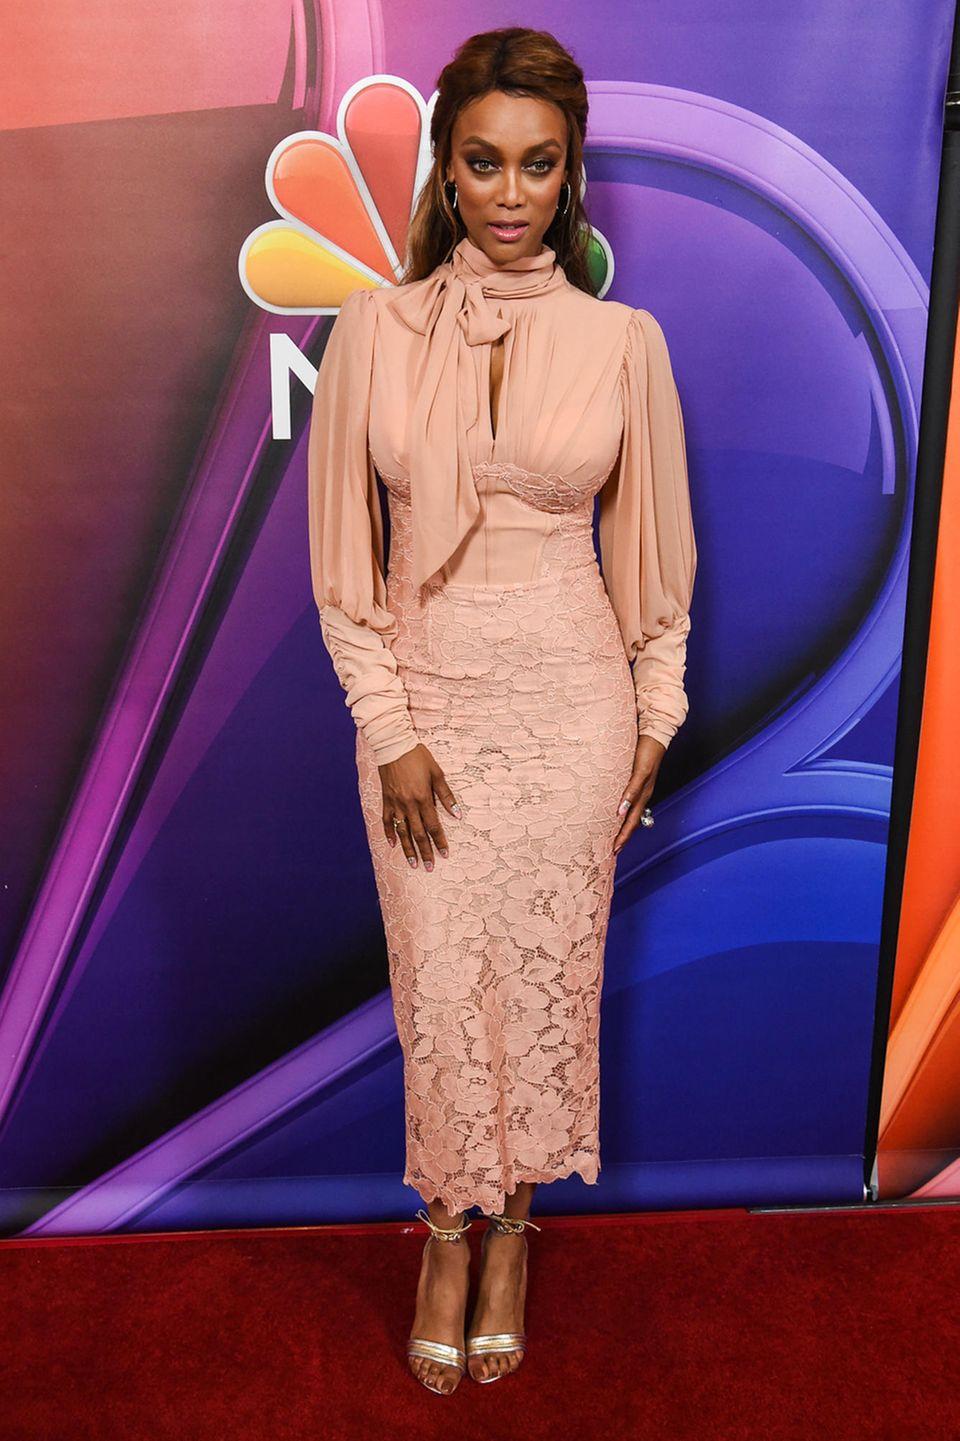 Drama plus Klasse ergibt bei Tyra Banks einen grandiosen Look mit Volumenbluse und Spitzenrock